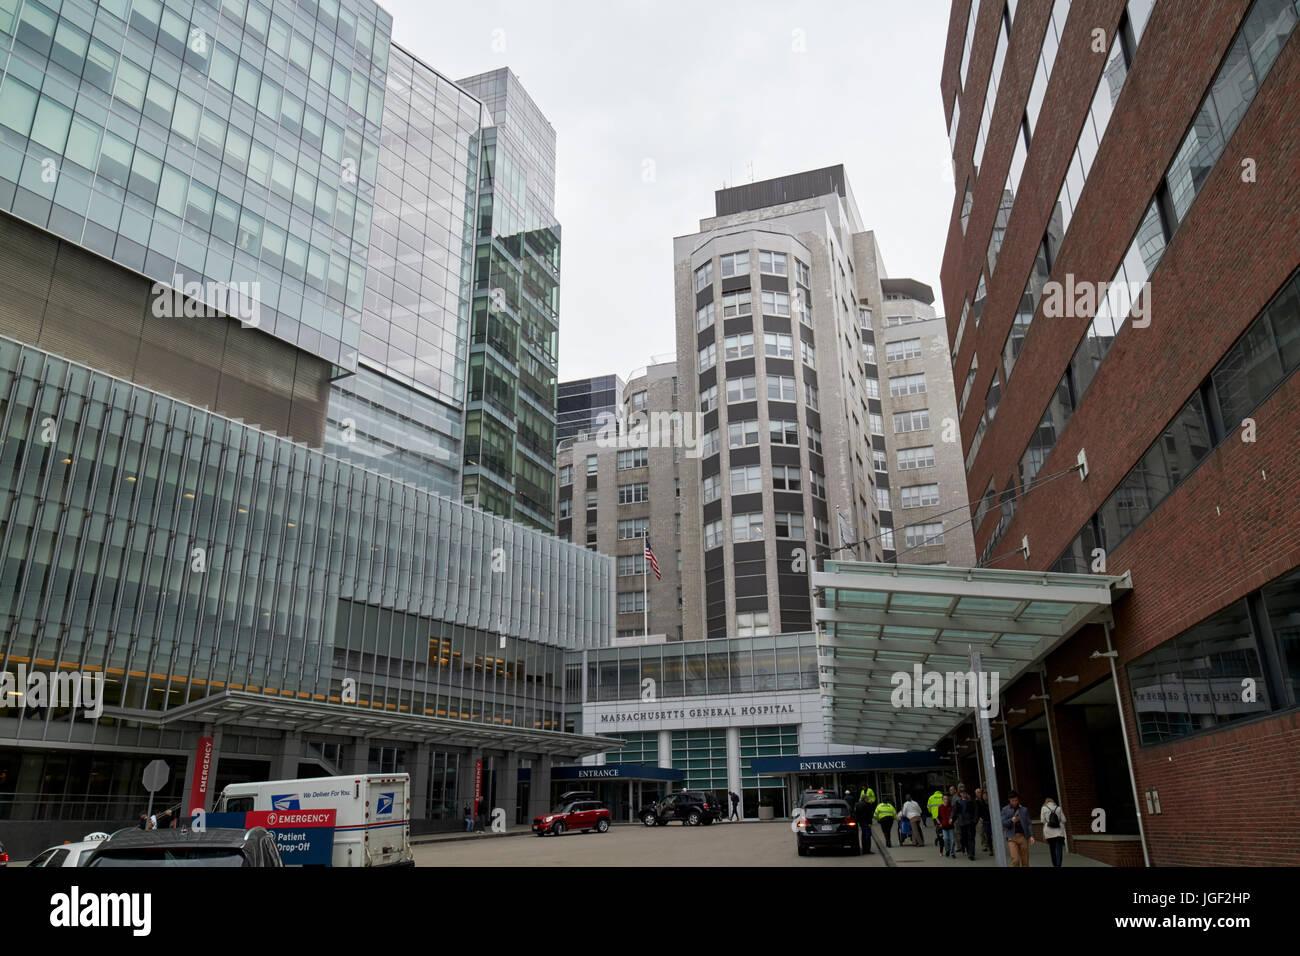 Lunder edificio y edificio de entrada principales de urgencias en el hospital general de Massachusetts en Boston Imagen De Stock